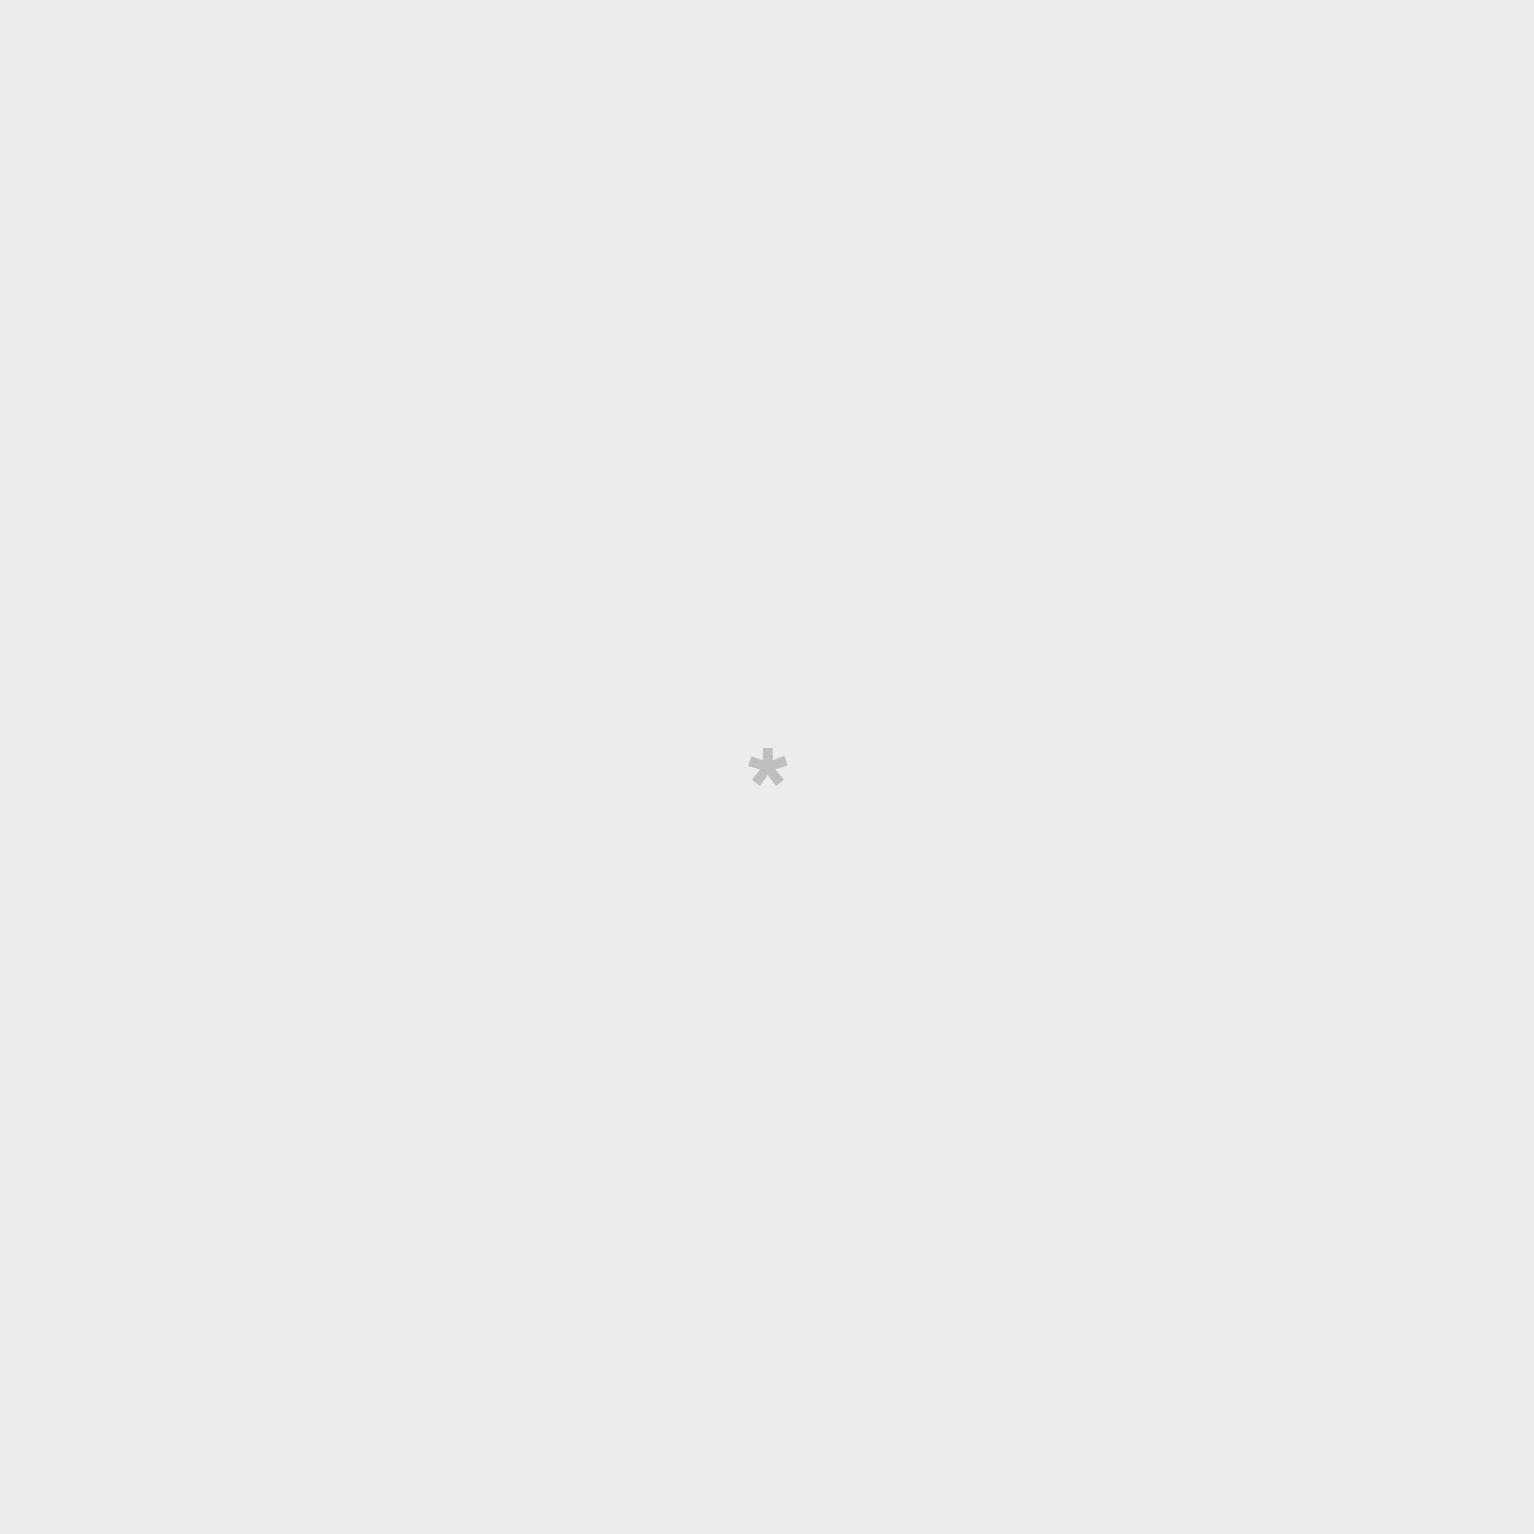 Doudou Mr. Wonderful x Saro - Panda Hugs